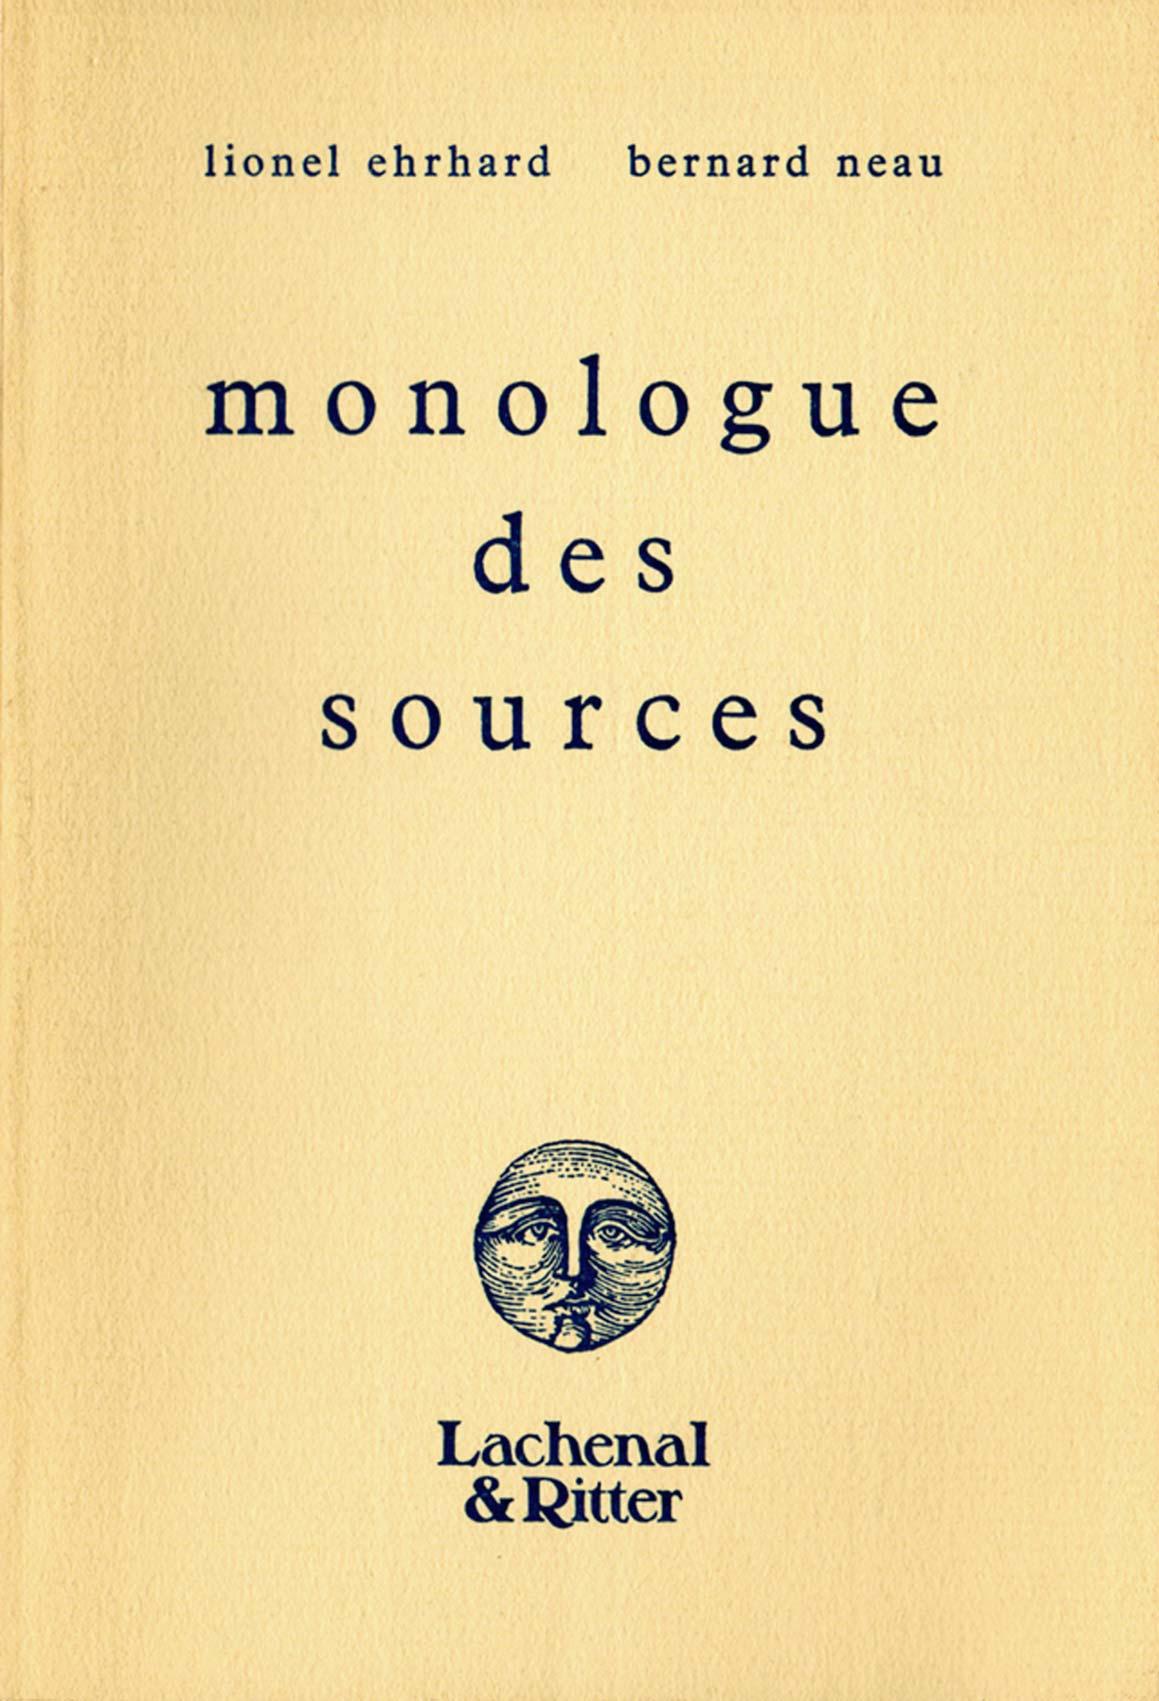 Monologue des sources - Poésie - Lachenal & Ritter-Gallimard, 1987